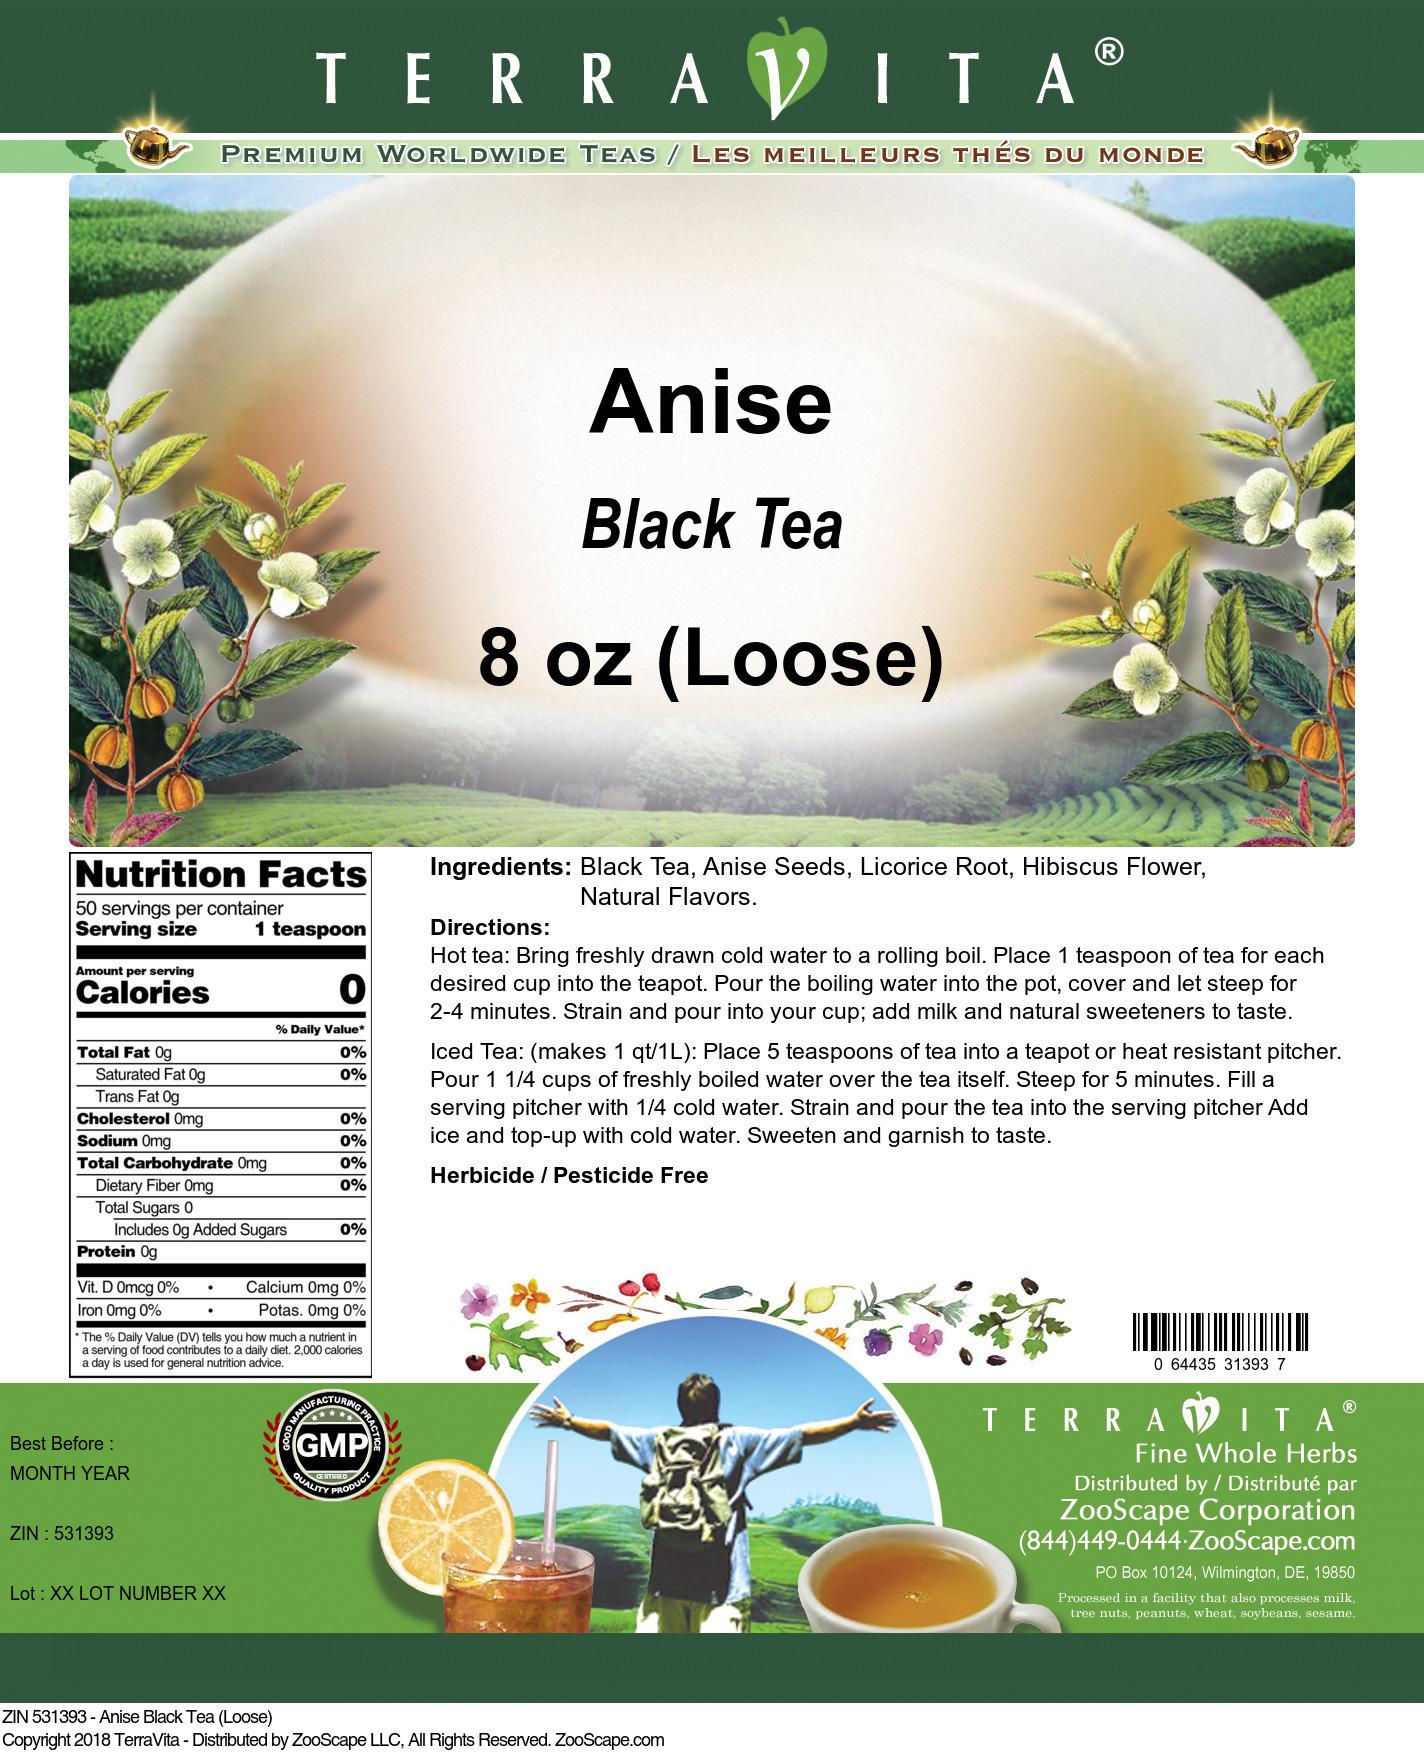 Anise Black Tea (Loose)